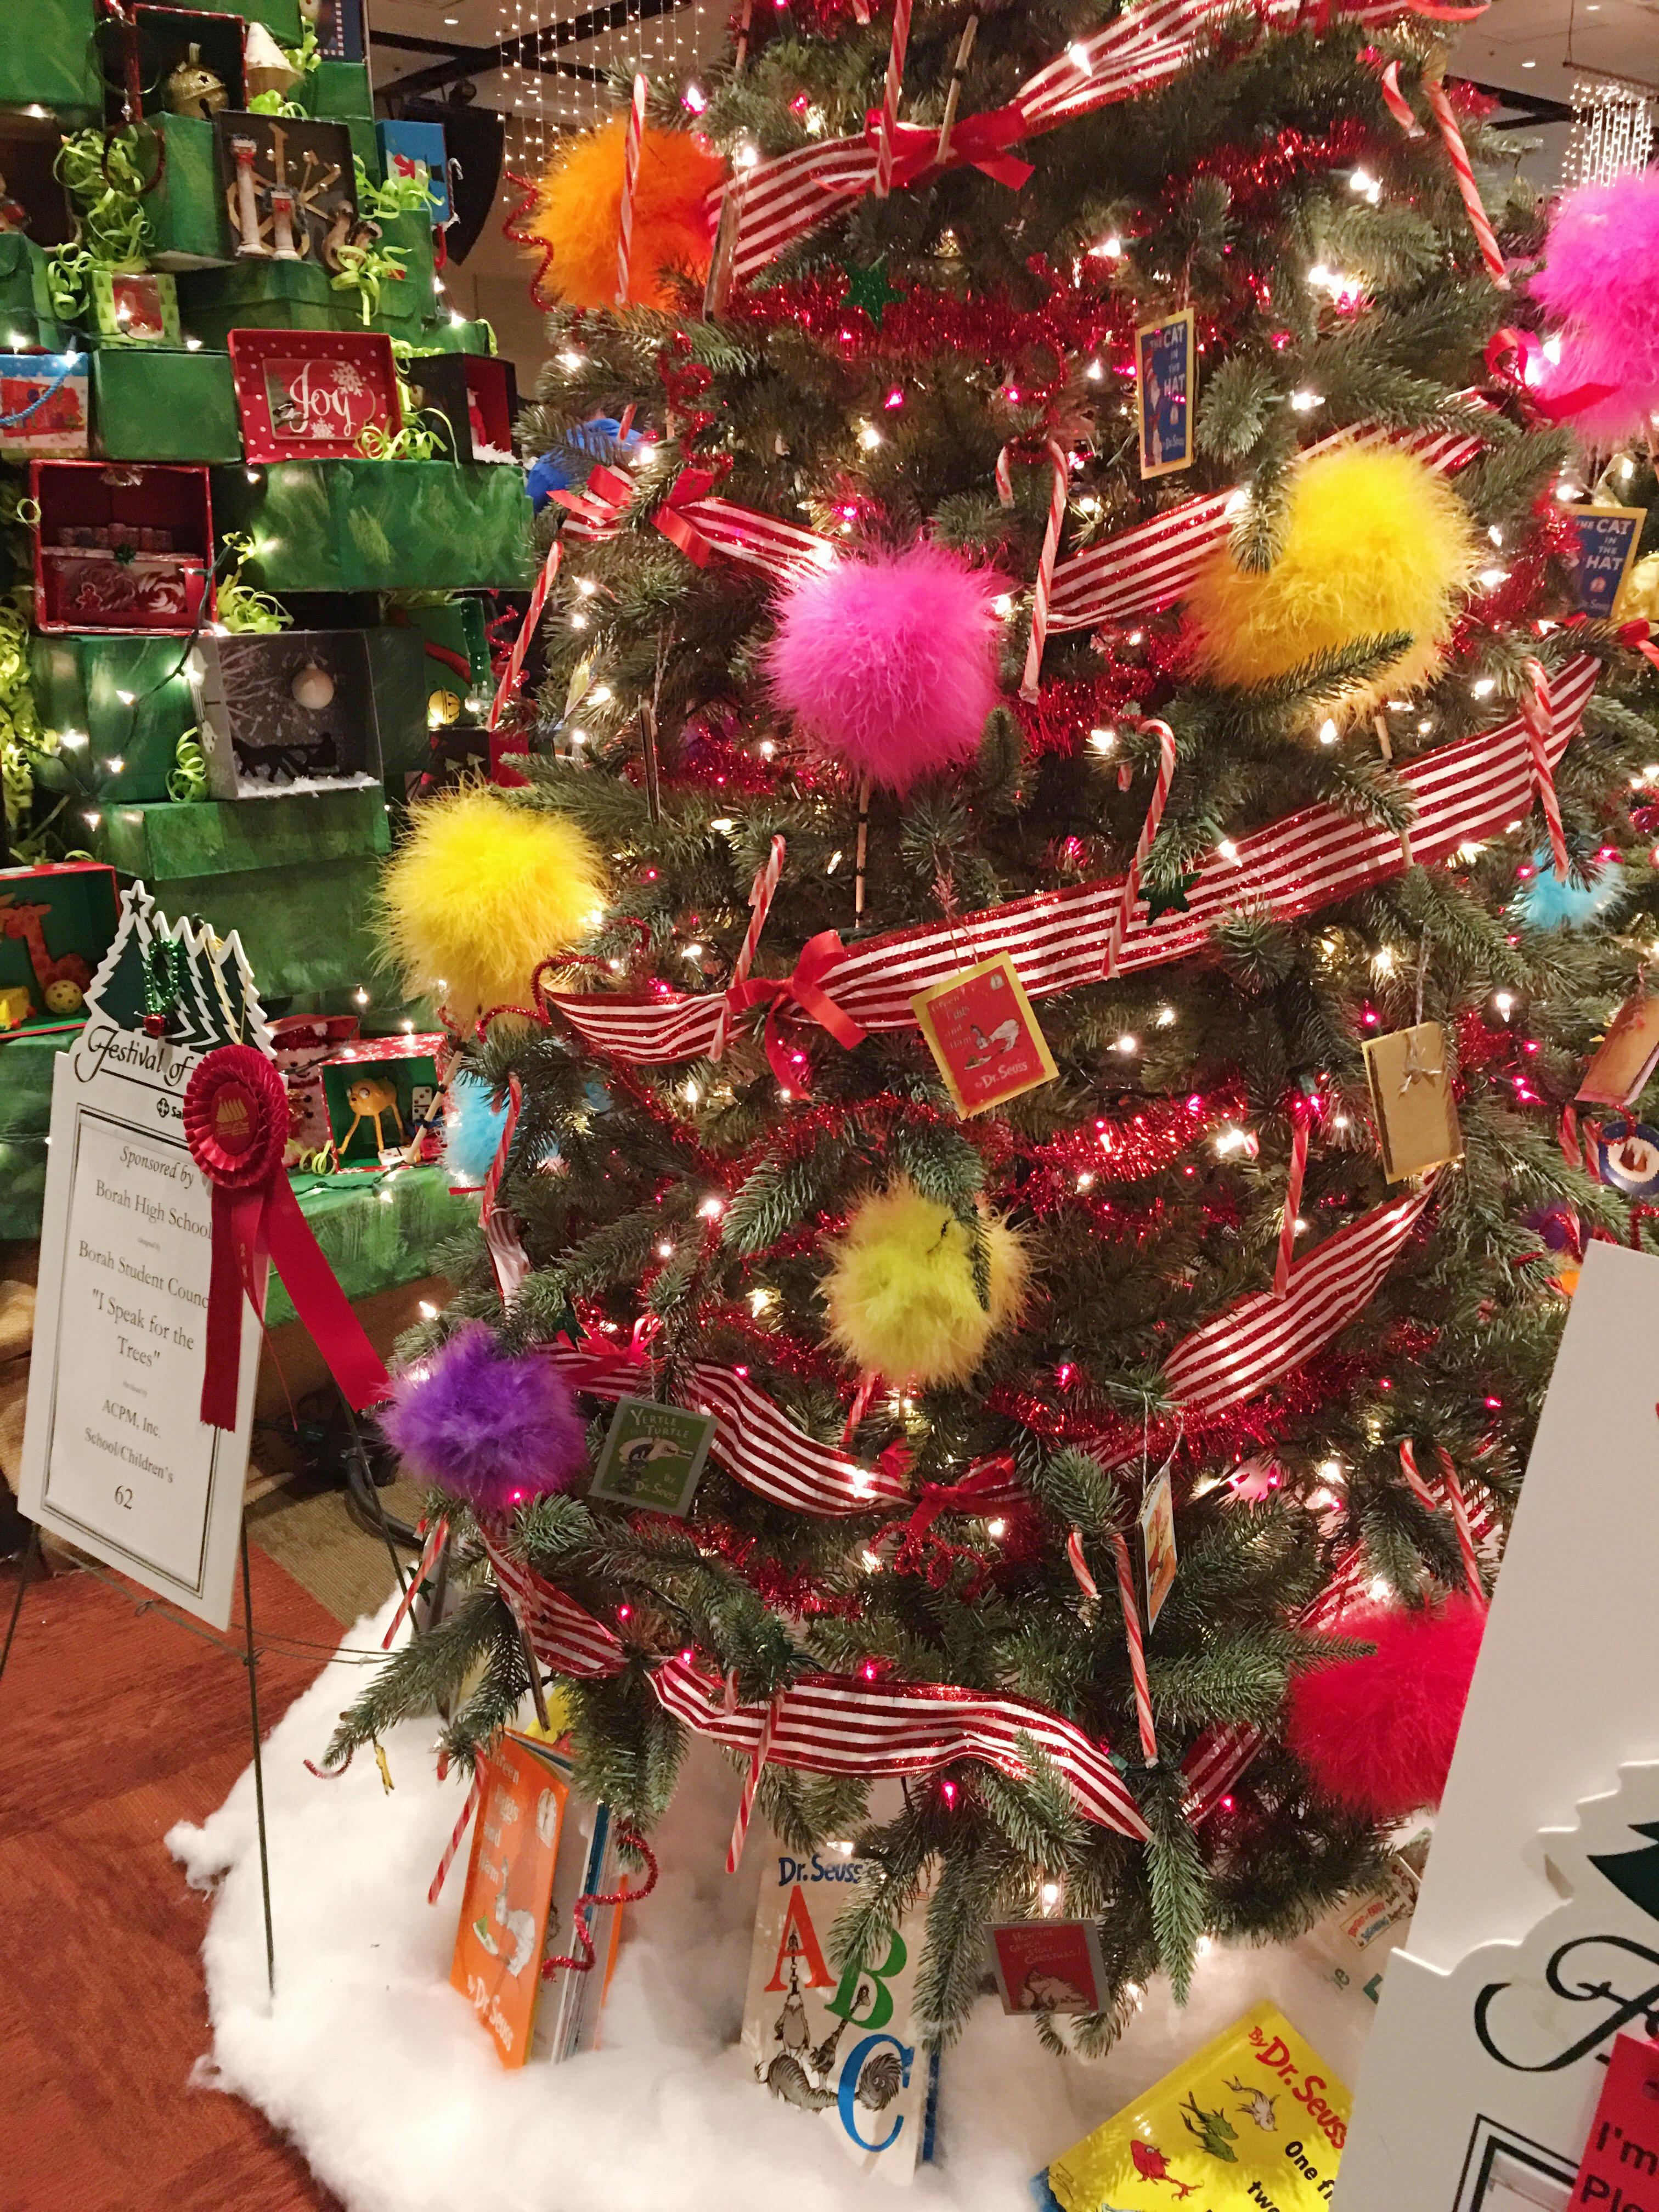 Festival of trees, boise, Holidays in Boise